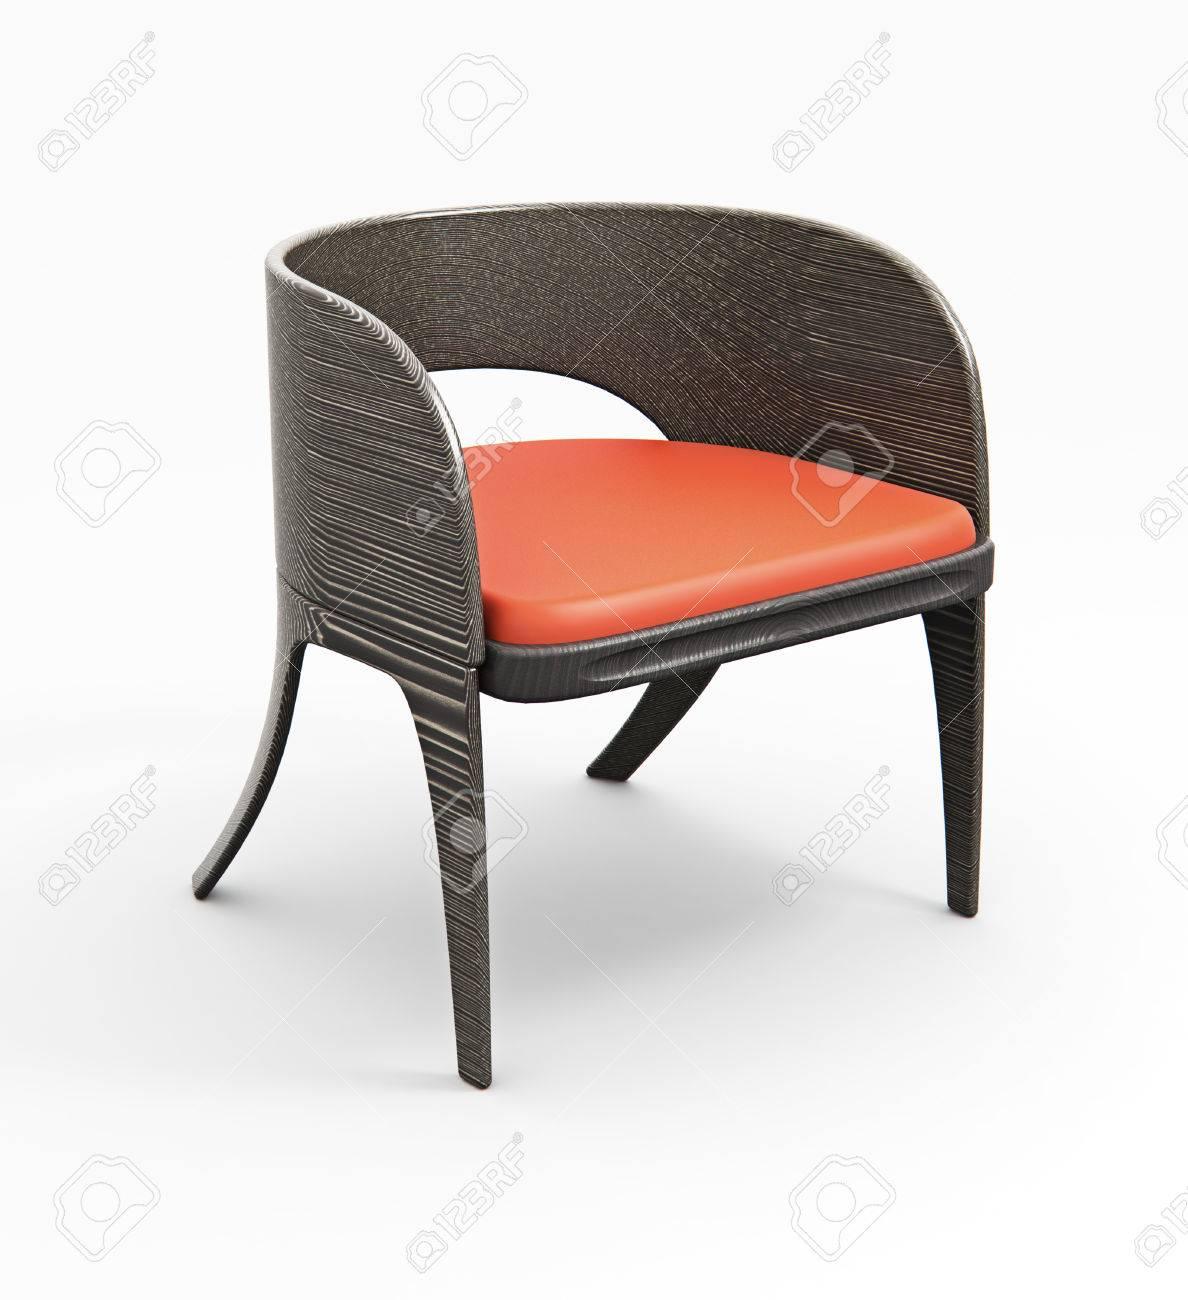 chaise en bois moderne isole sur 3d modele blanc